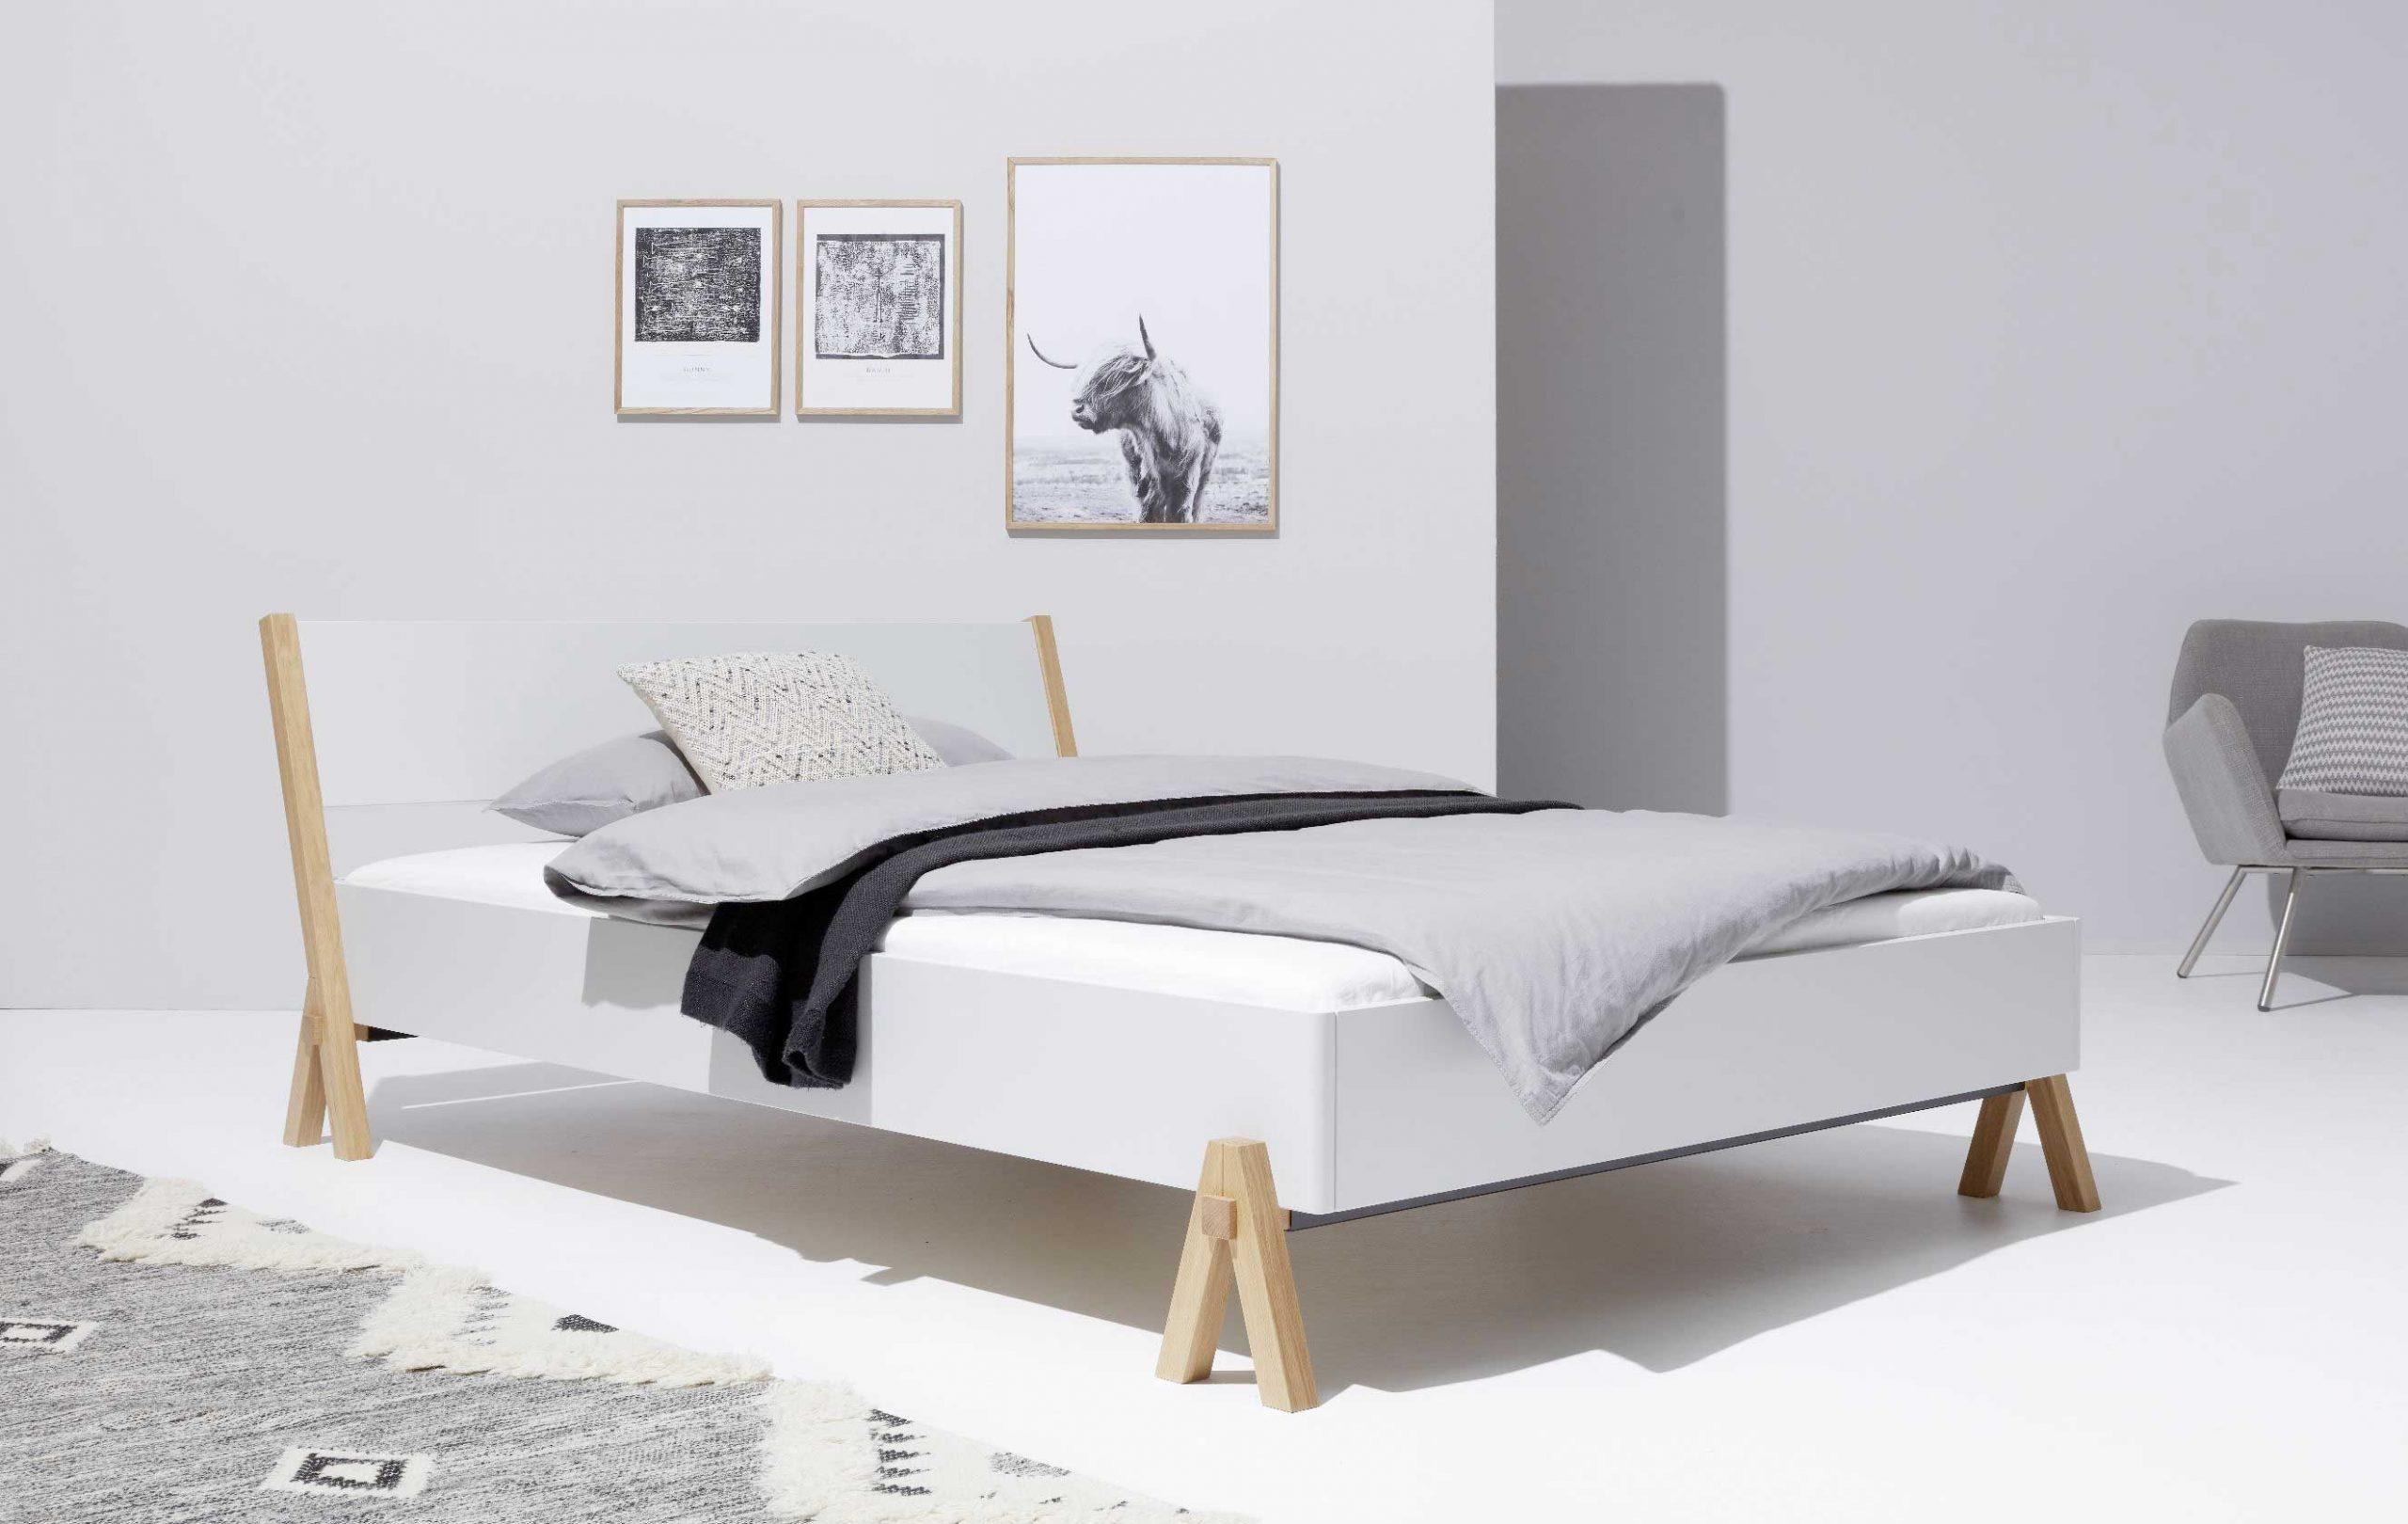 Full Size of Nolte Betten Weiße Küche Holz Weiß Schlafzimmer Komplett Bei Ikea Bett 90x200 Mit Bettkasten Ruf Fabrikverkauf Aus Dico Esstisch Oval Kaufen Rauch 140x200 Bett Betten Weiß